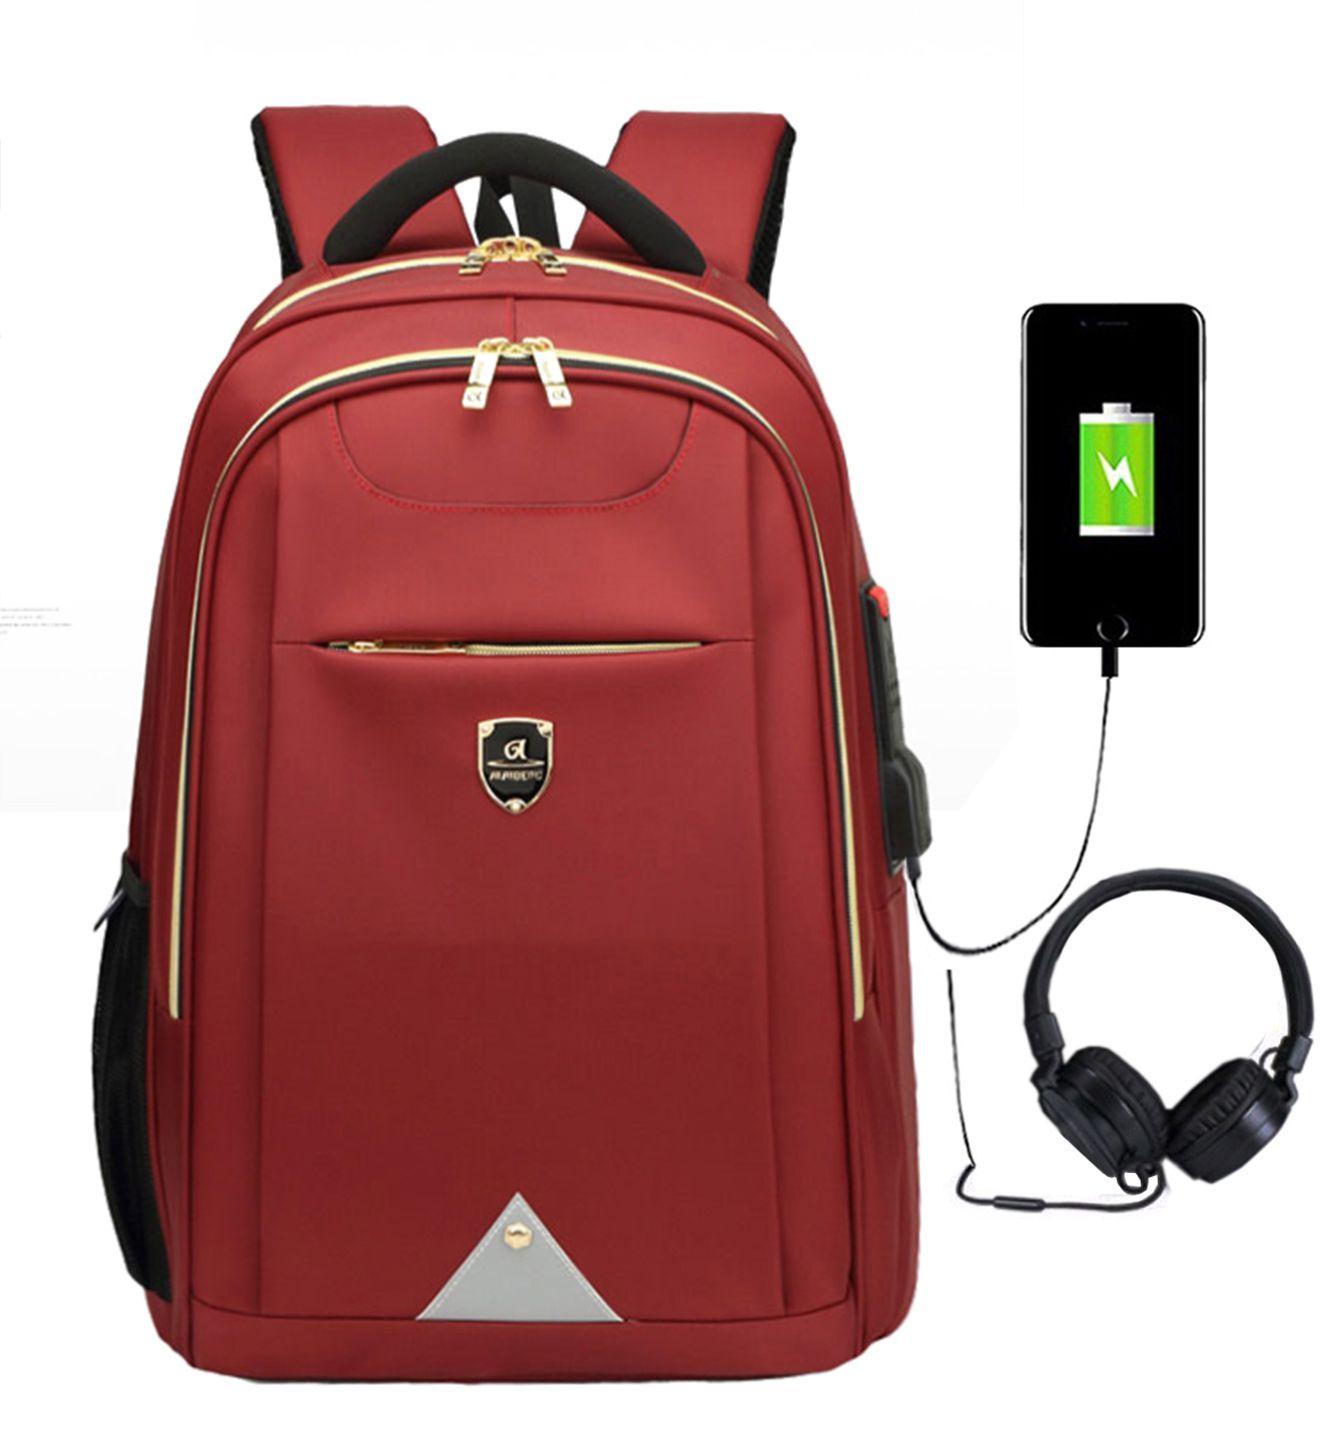 Mochila Resistente Água Com Saída USB E Fone 1803 Vermelha